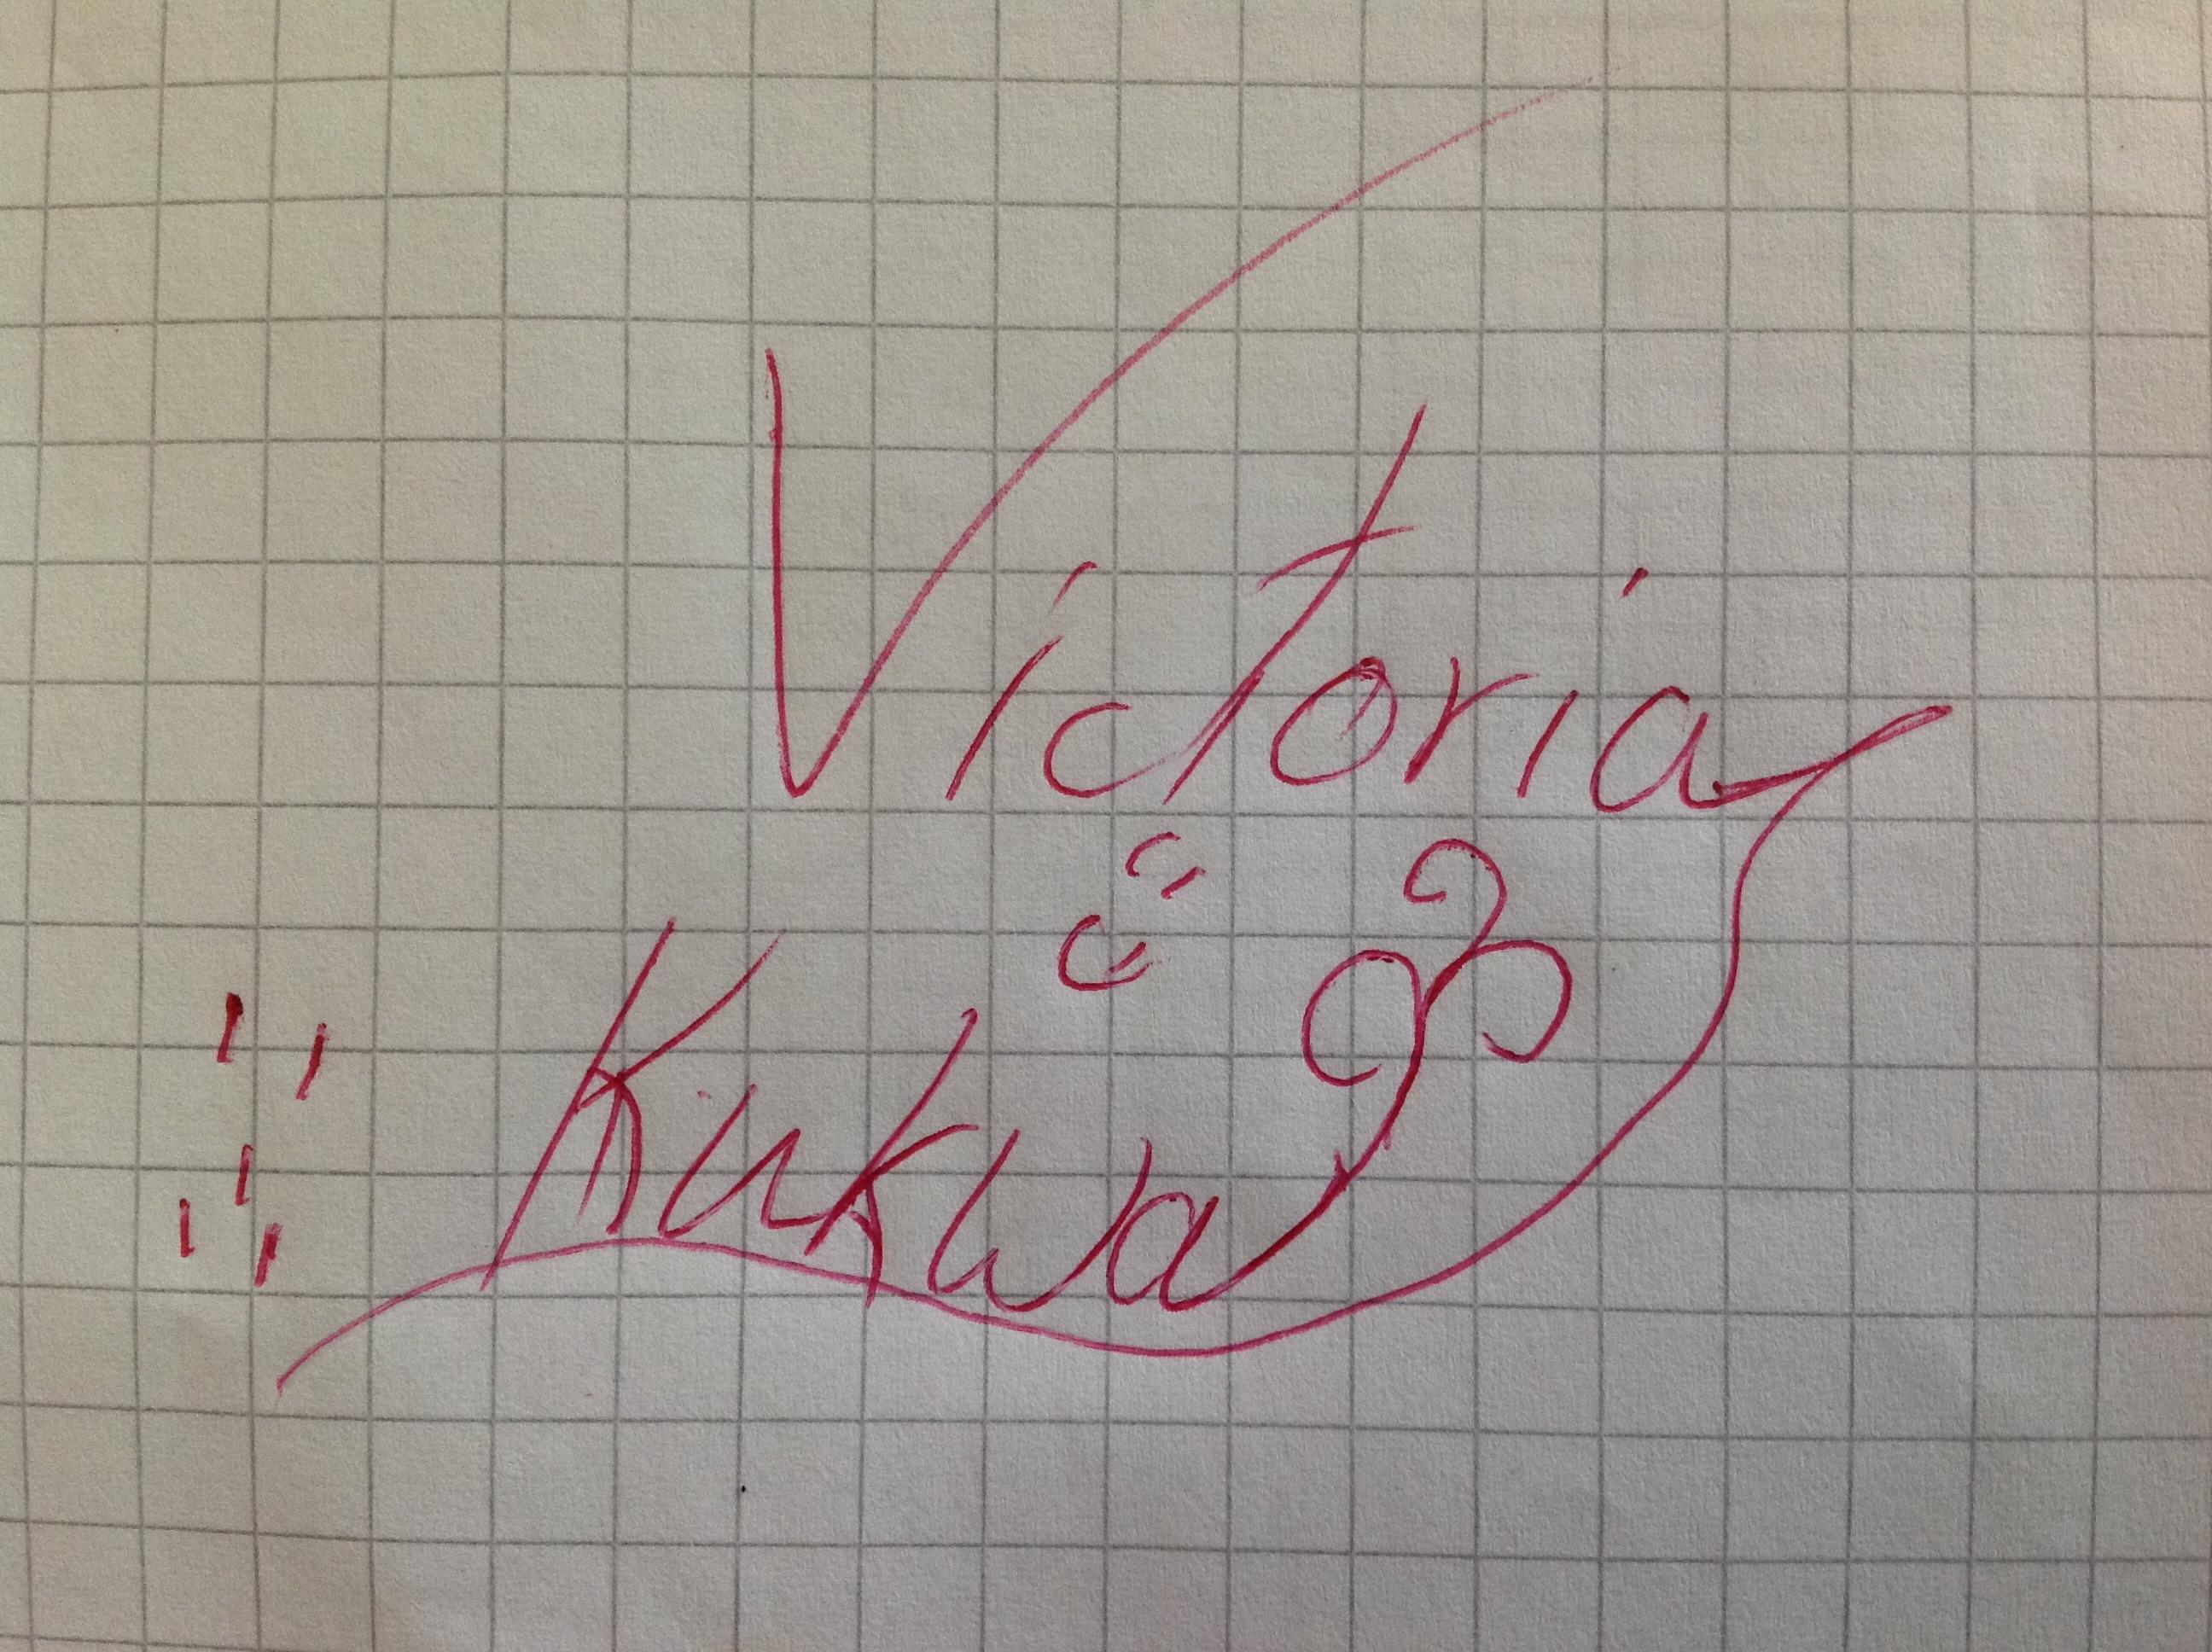 Victoria Kukwa's Signature